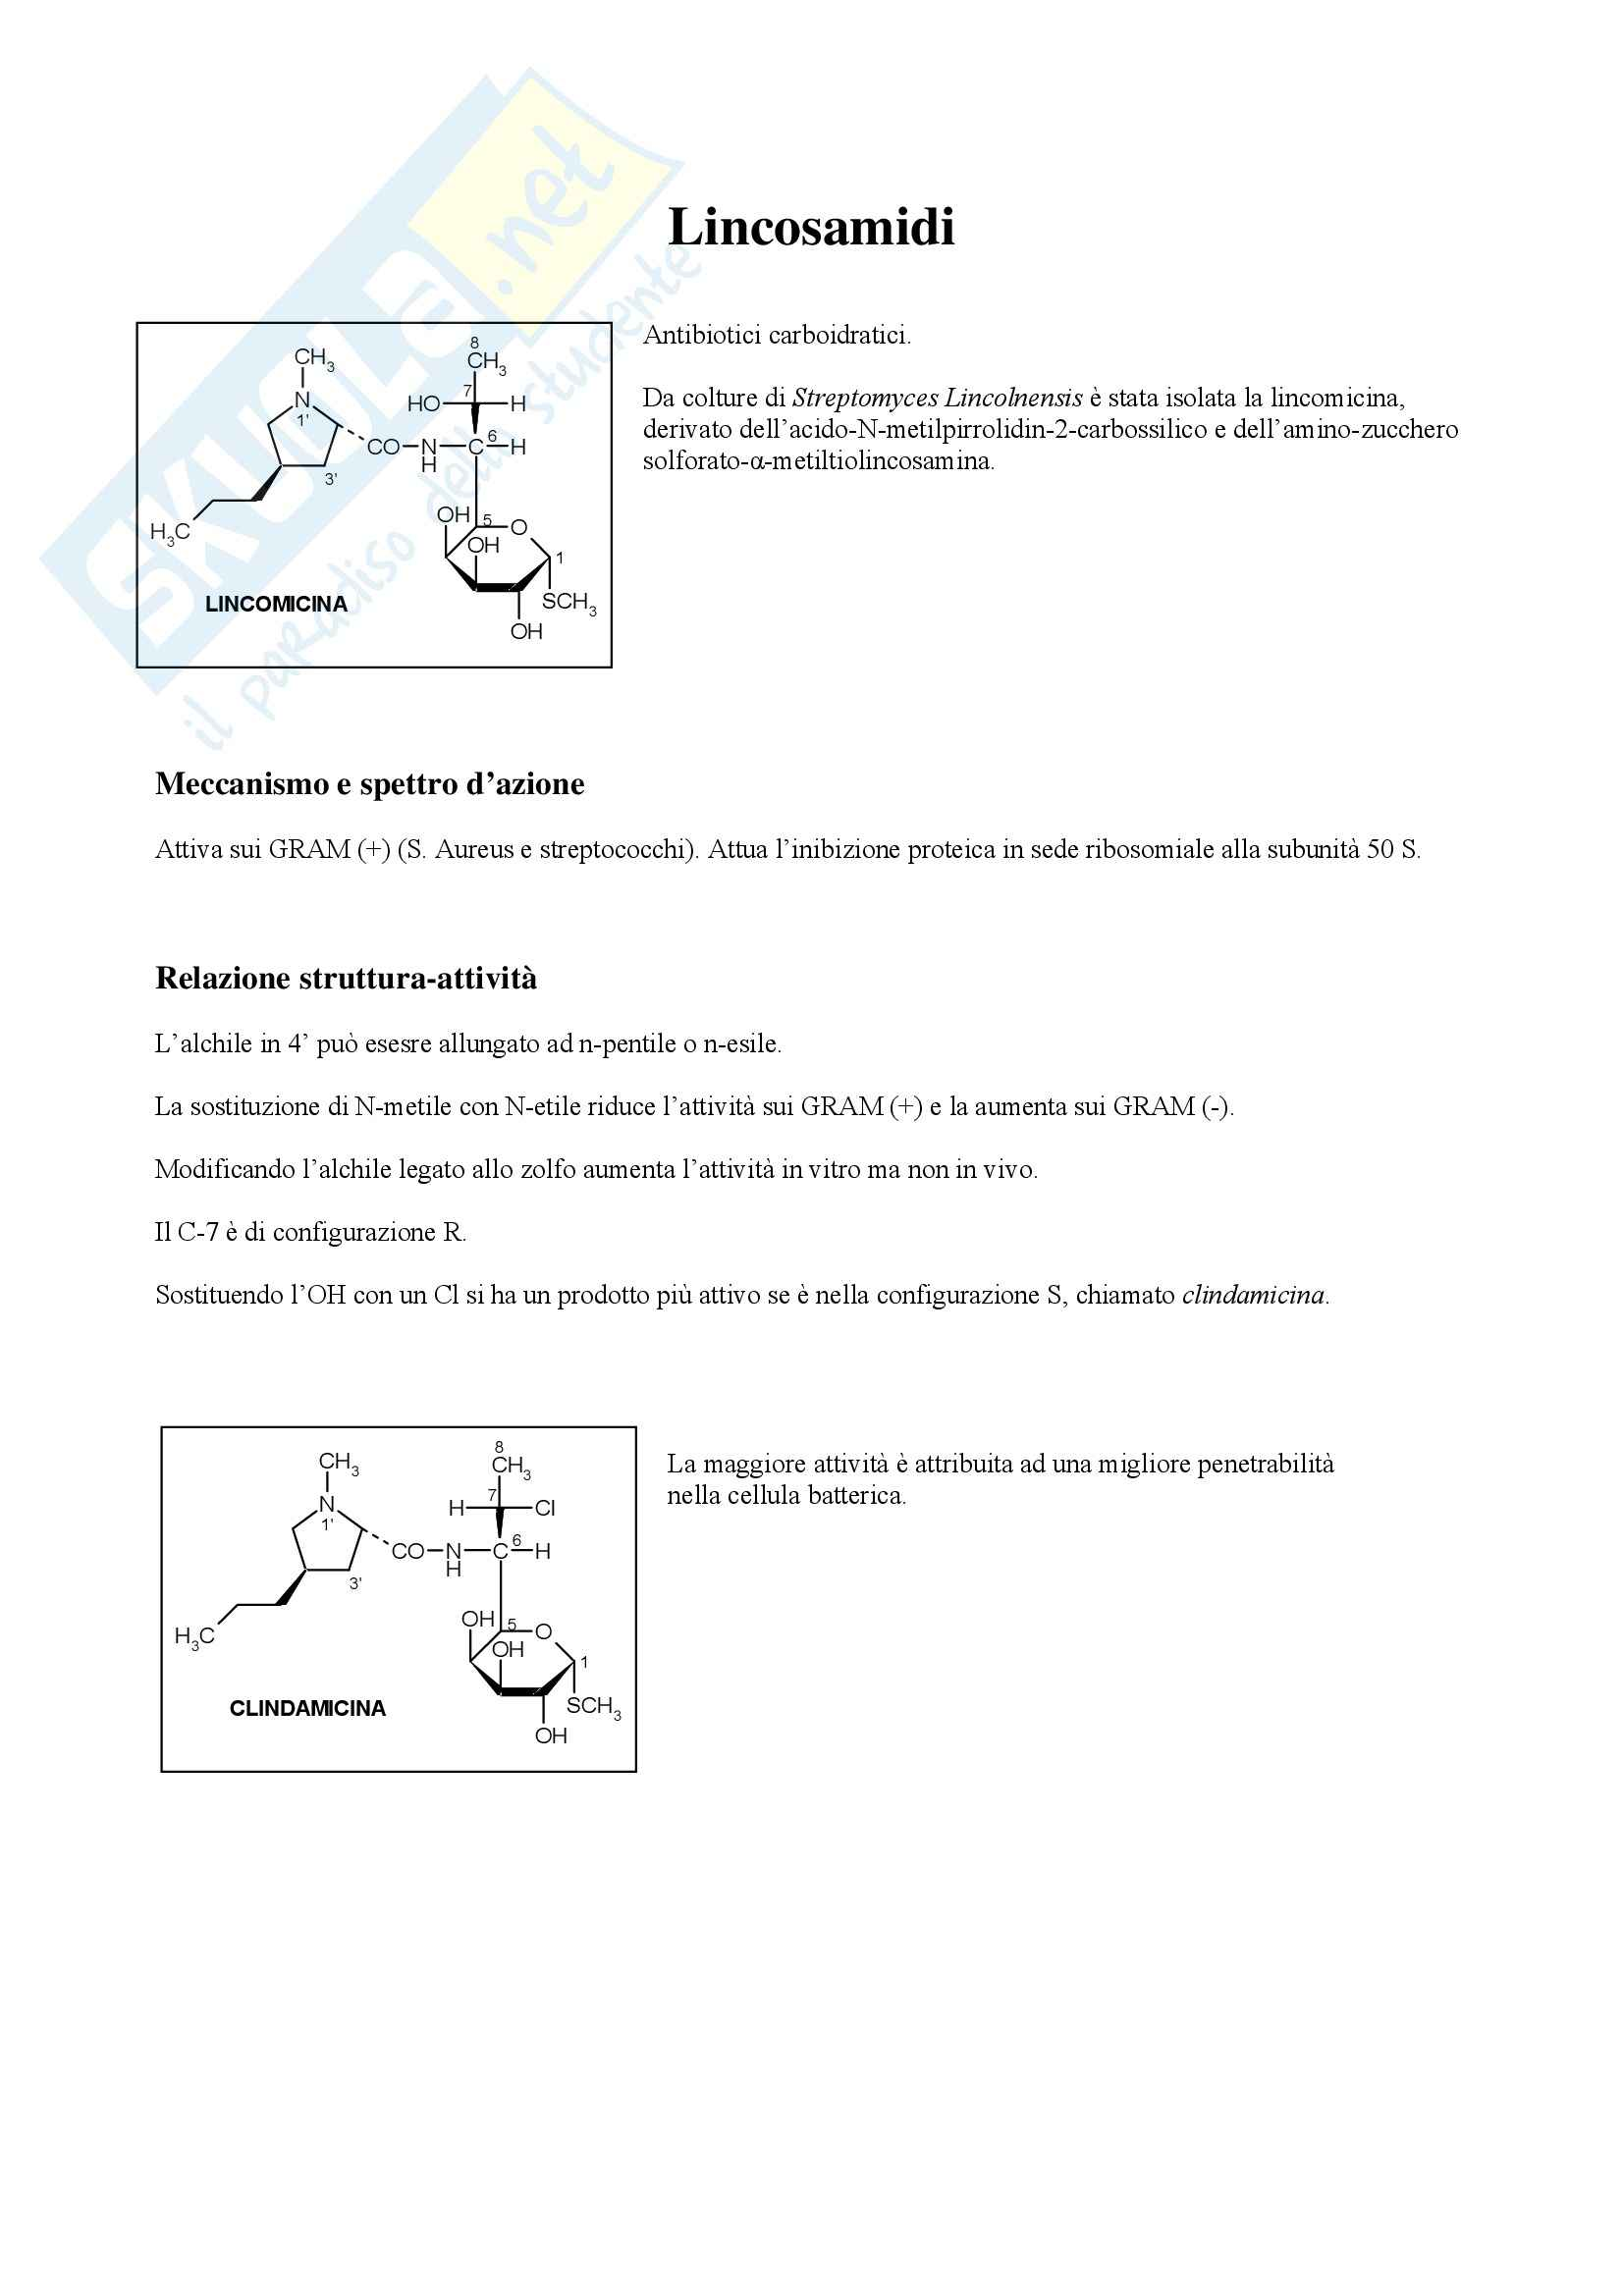 Chimica farmaceutica e tossicologica - lincosamidi